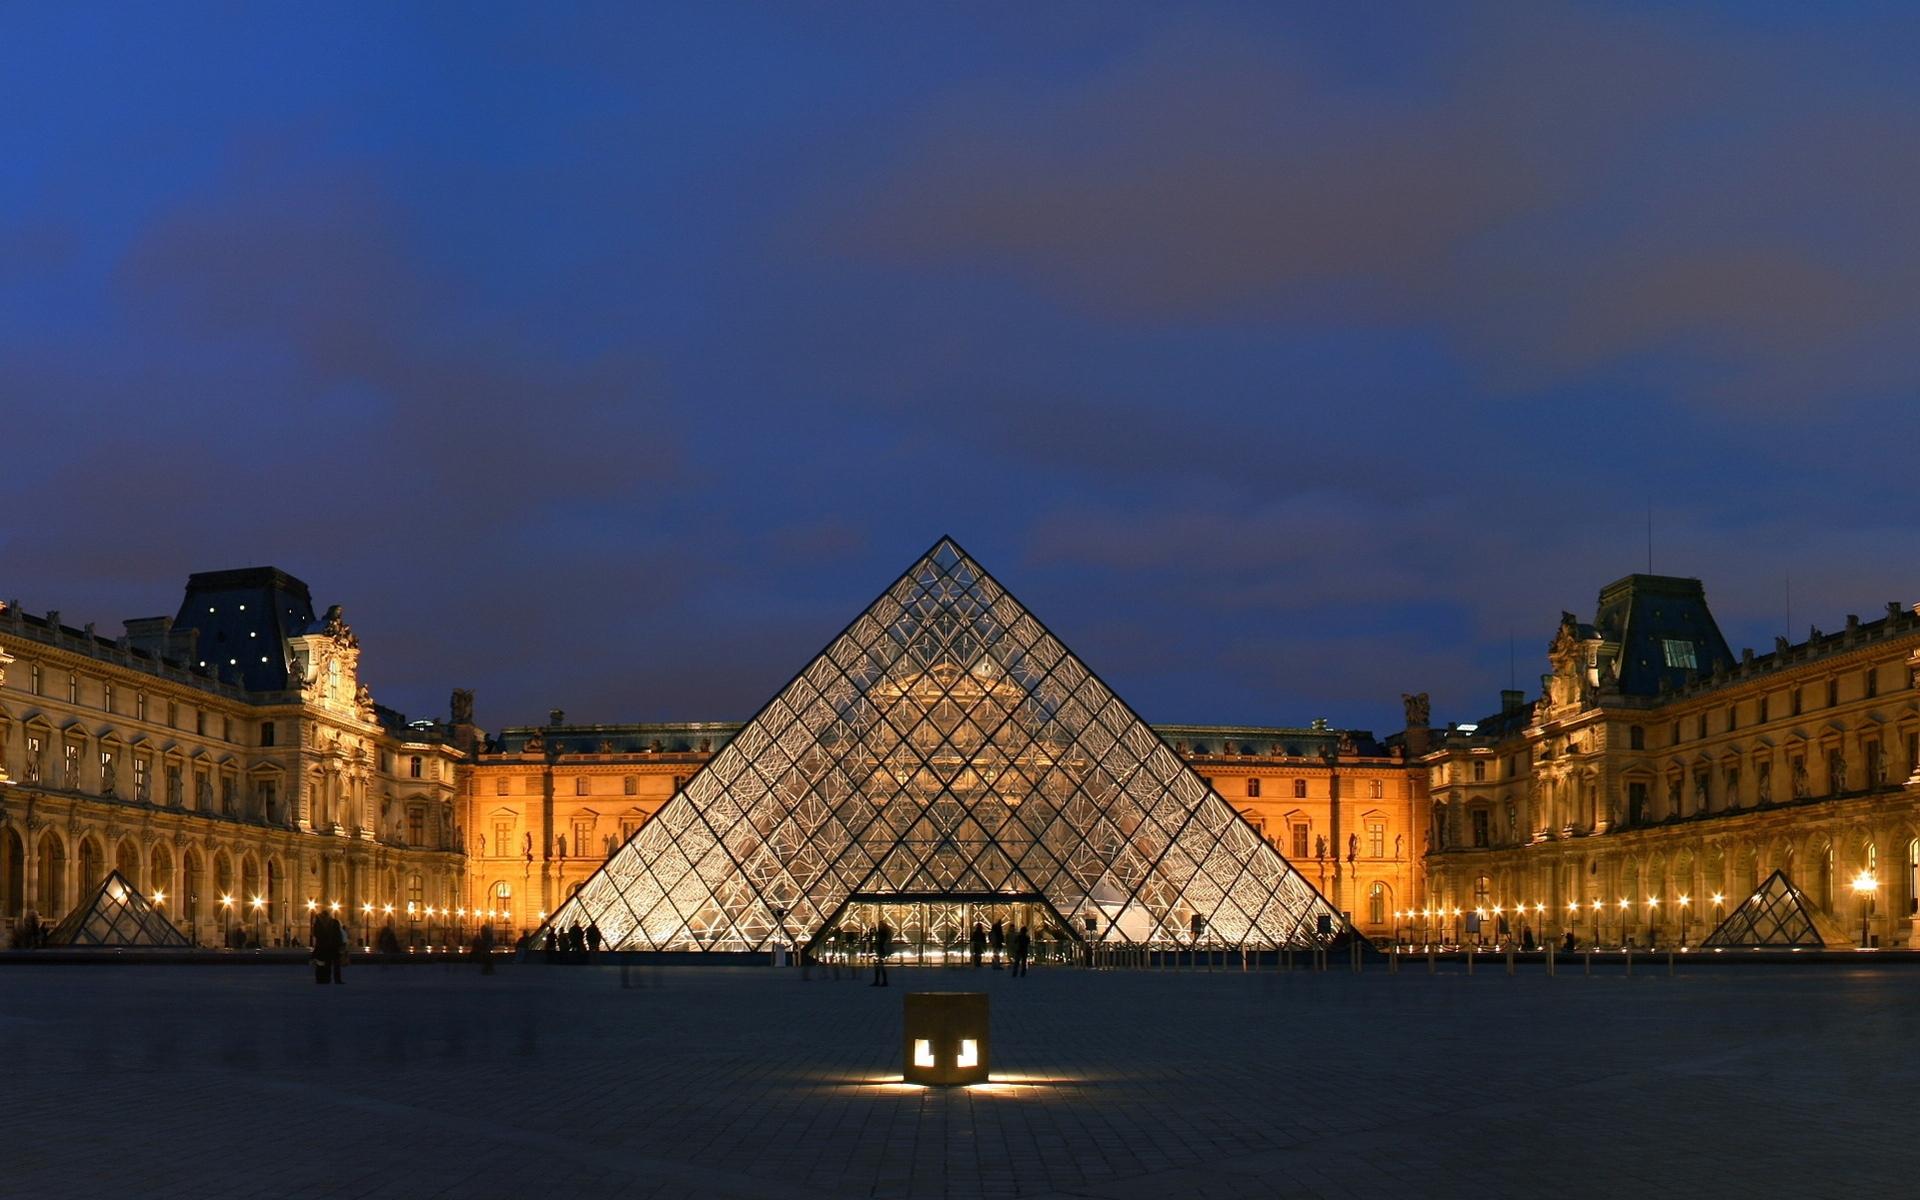 【全球】十座著名美术馆里的镇馆之宝图片